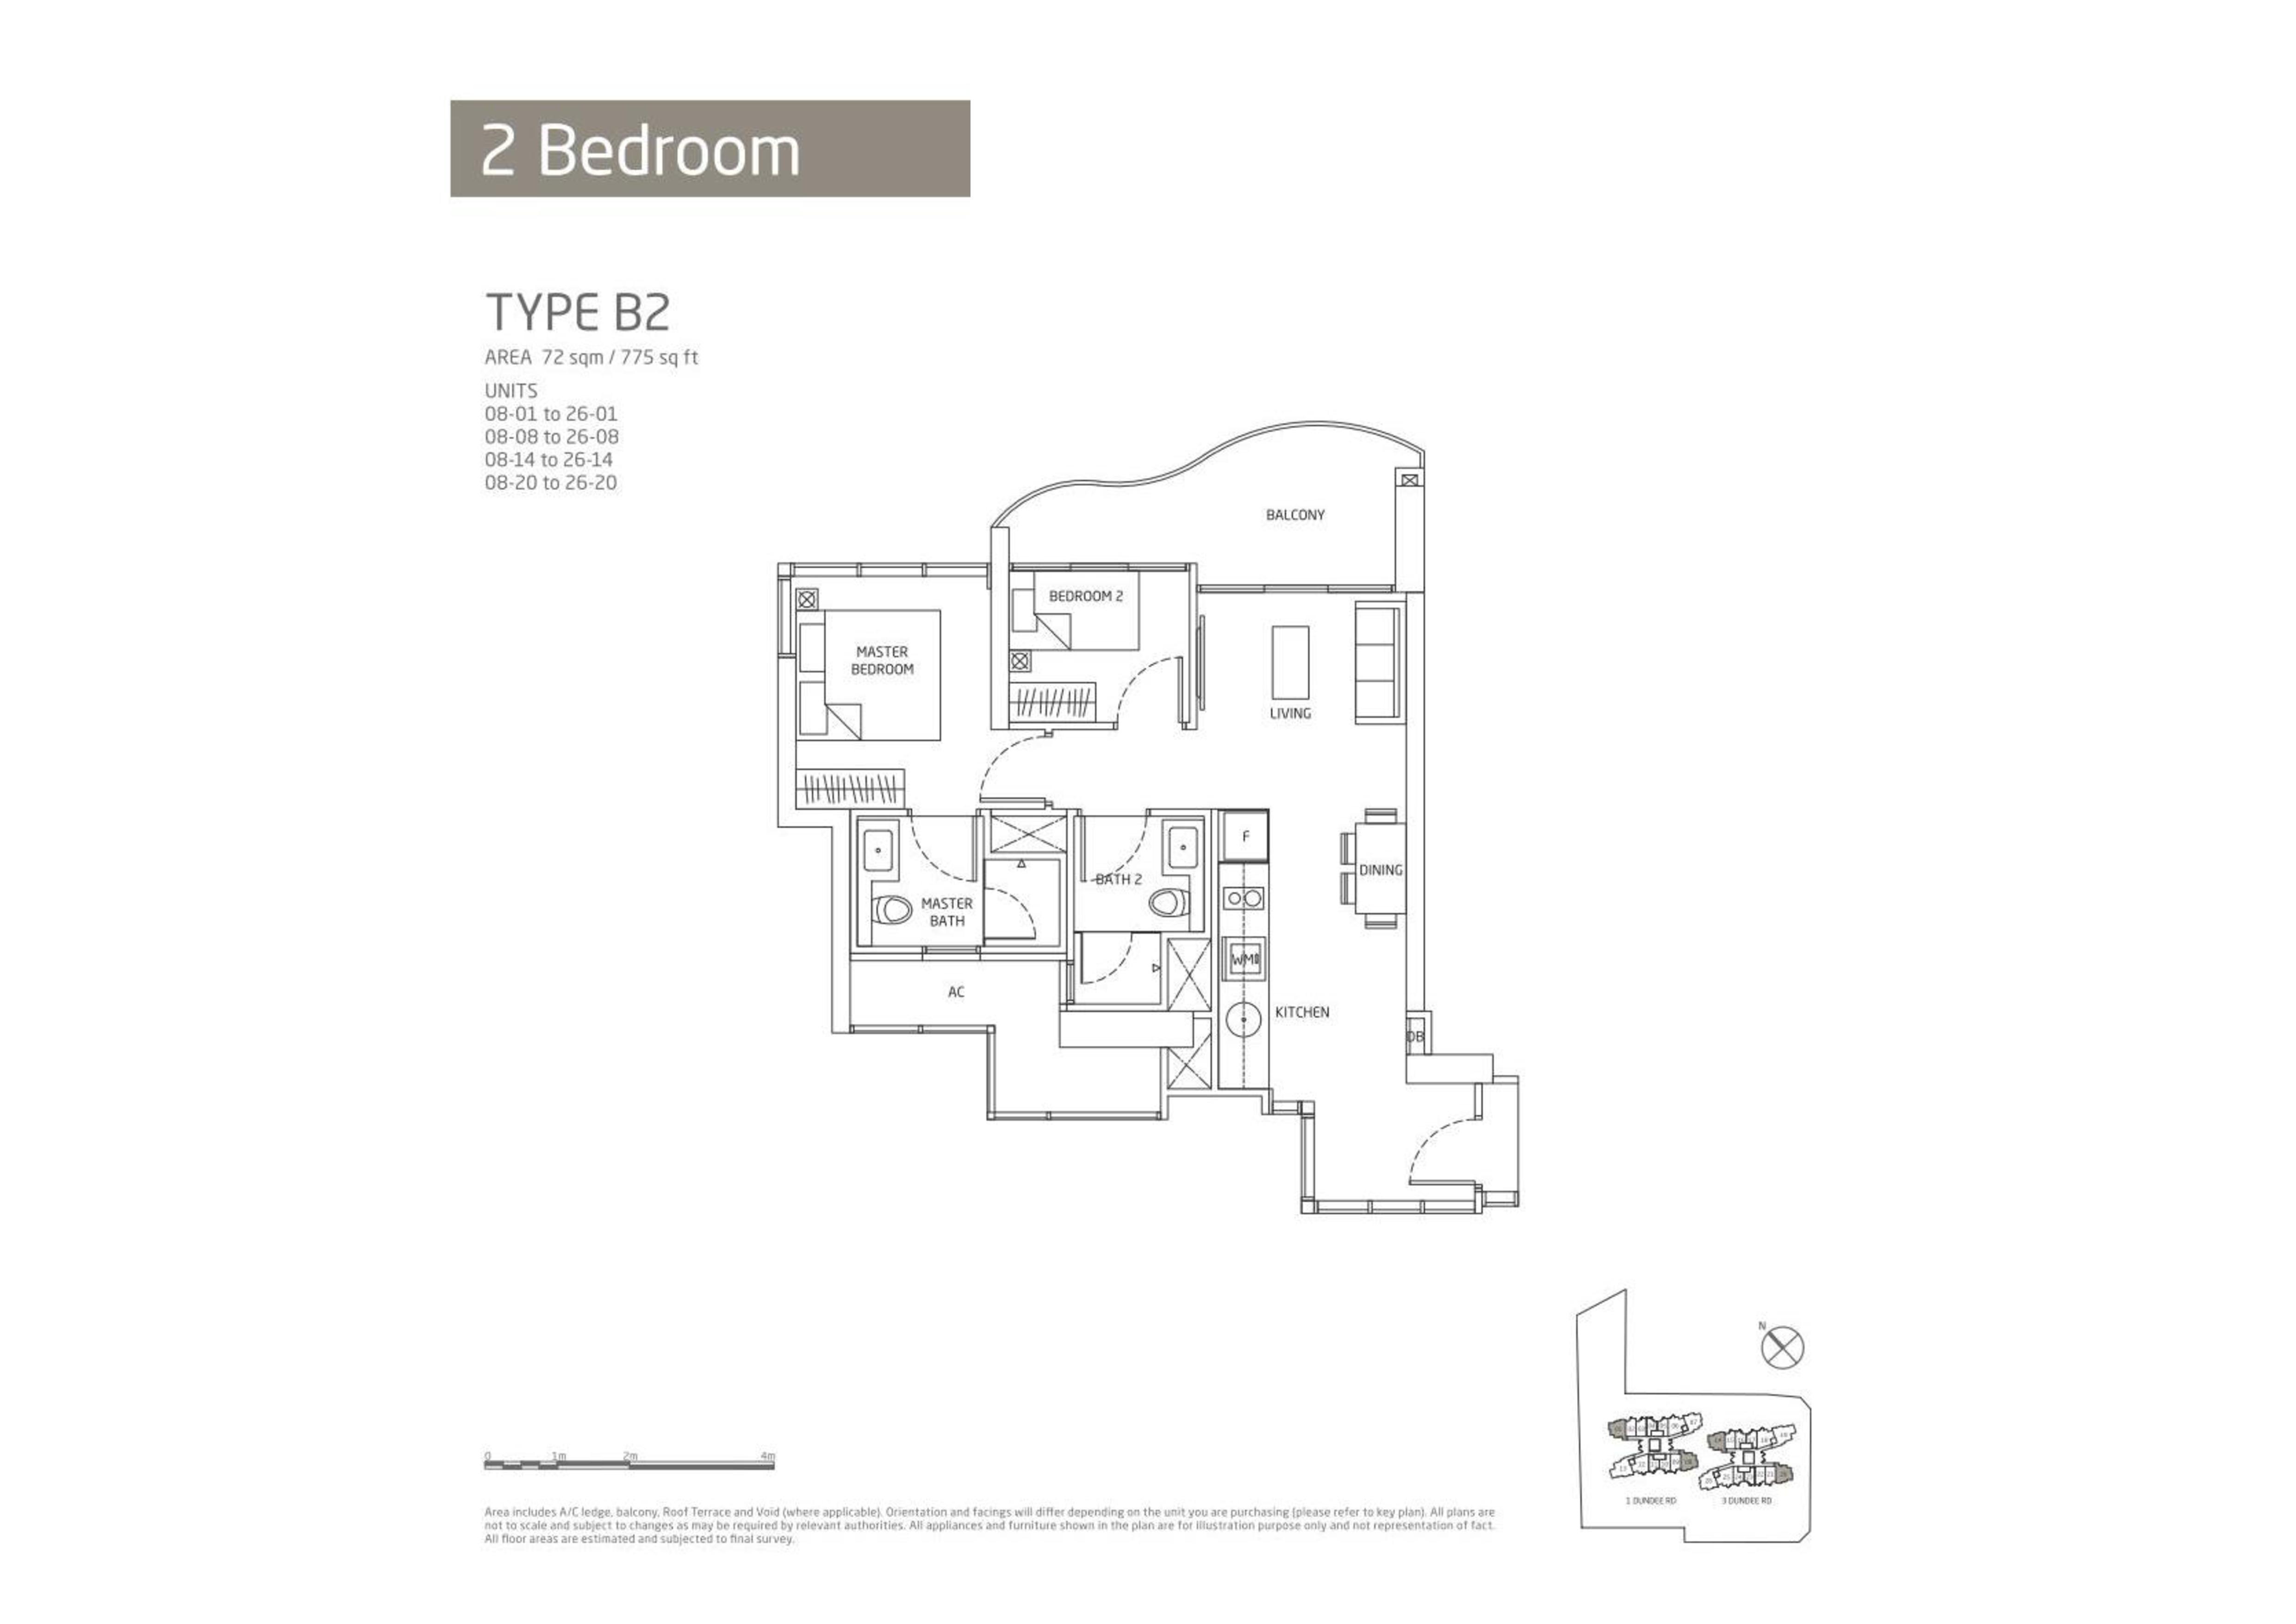 Queens Peak 2 Bedroom Floor Plans Type B2